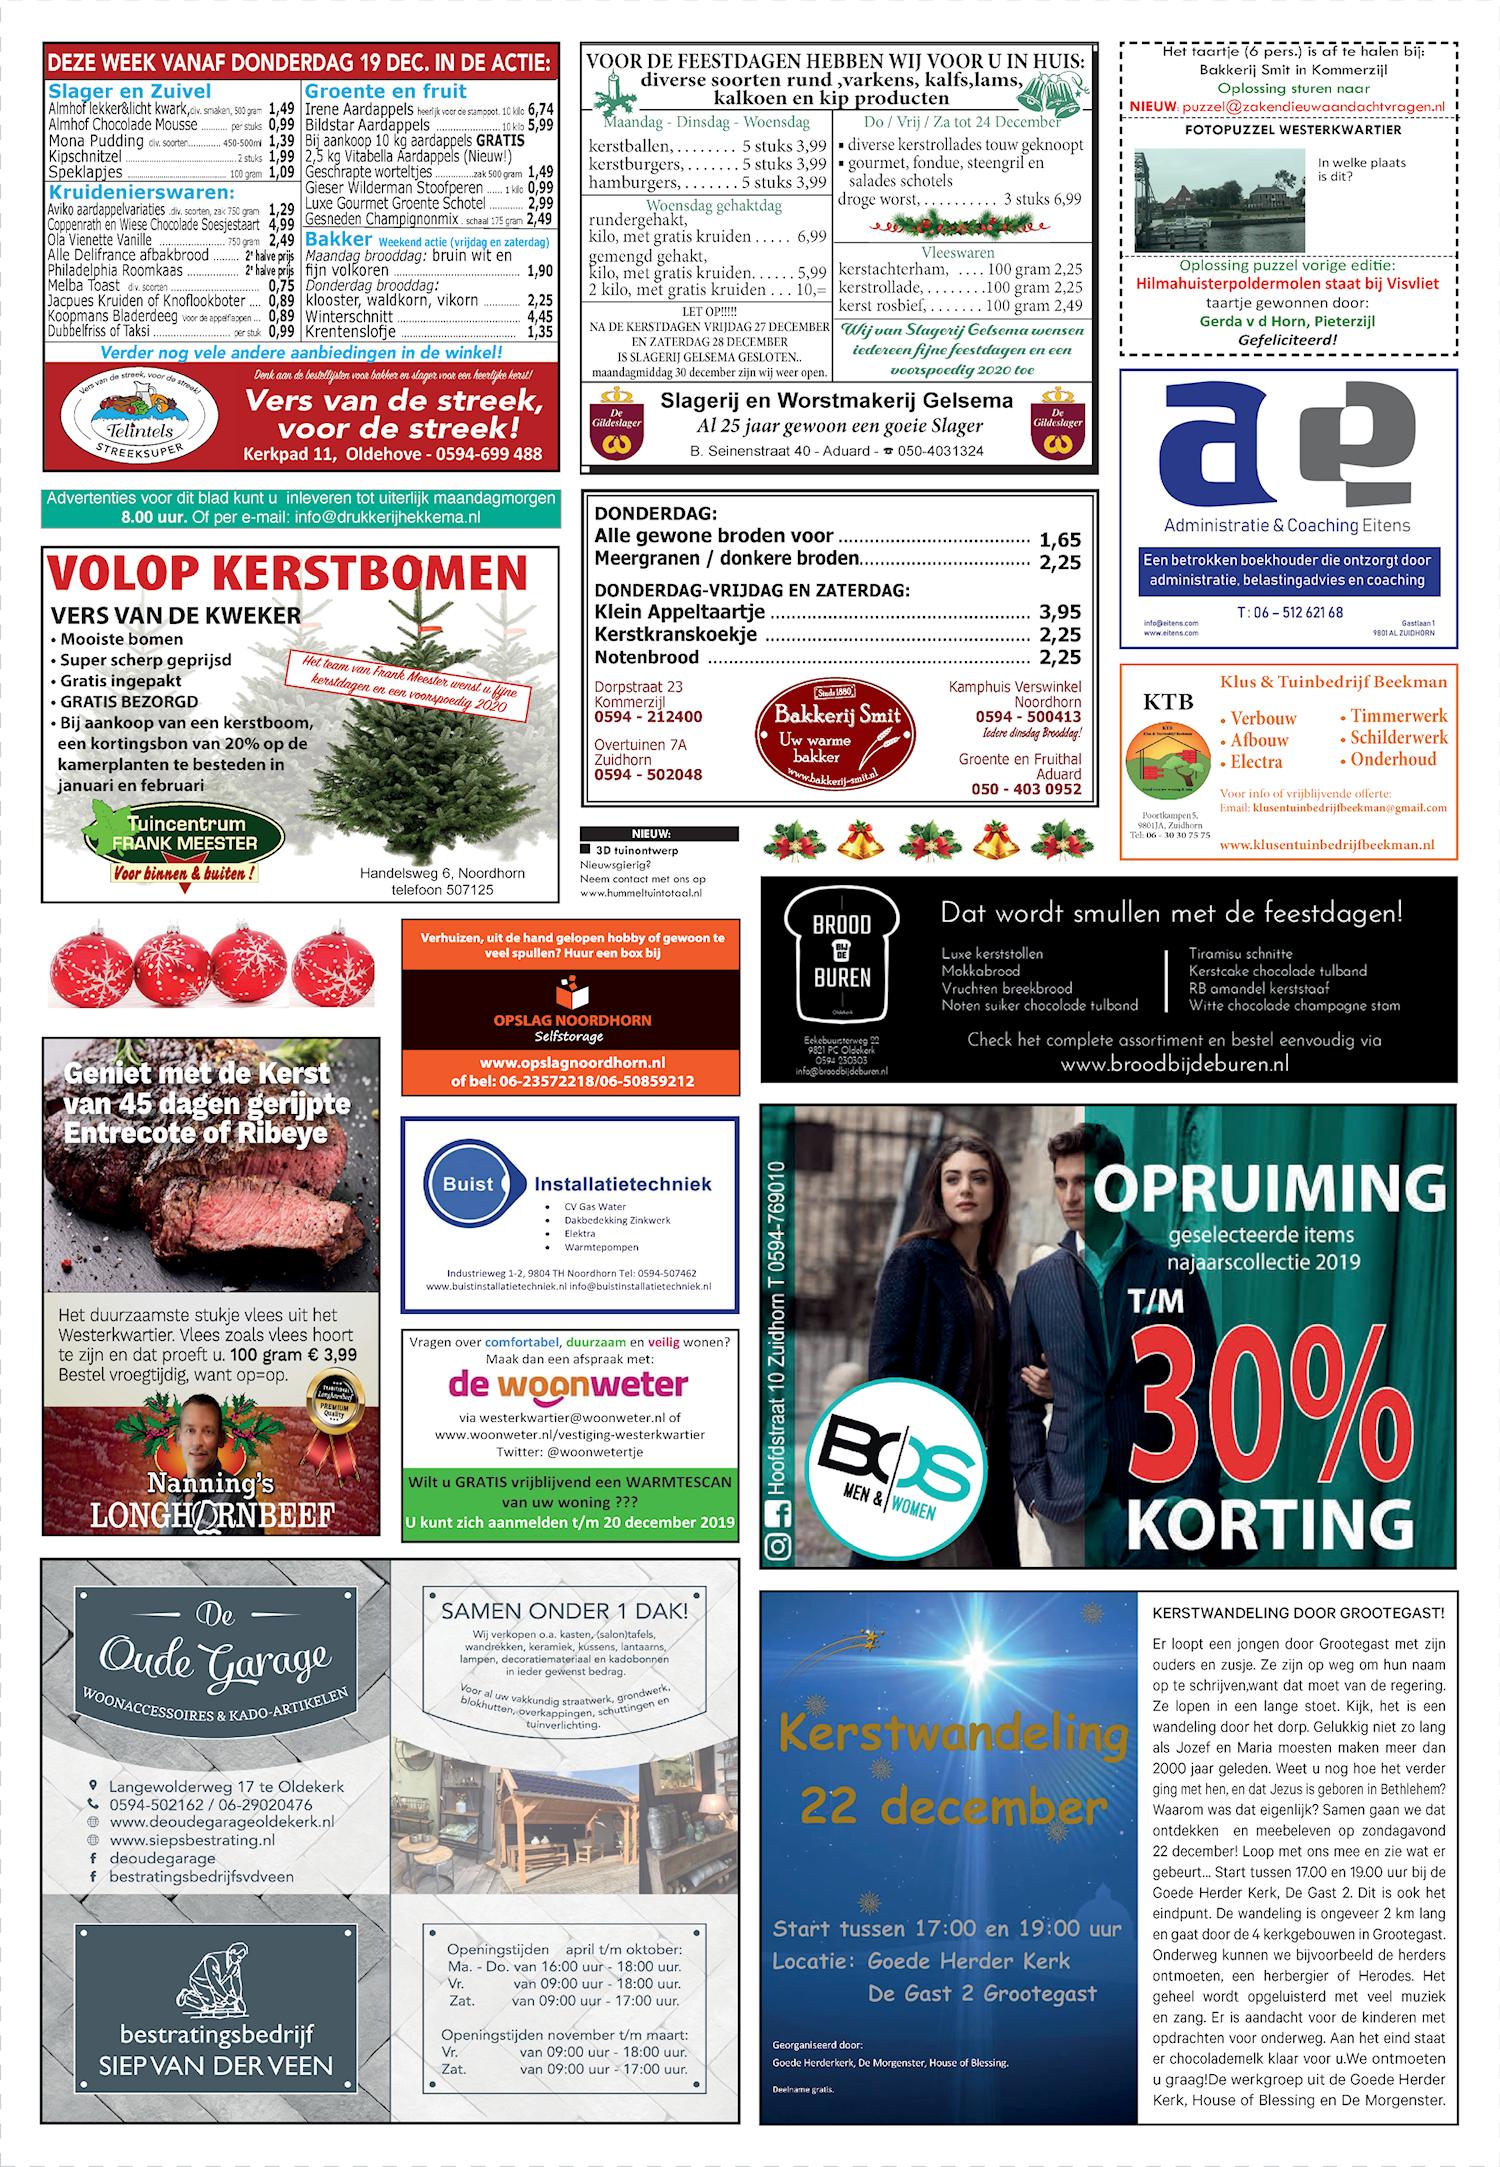 Drukkerij Hekkema - Zuidhorn - Zaken die uw aandacht vragen 2019 week 51